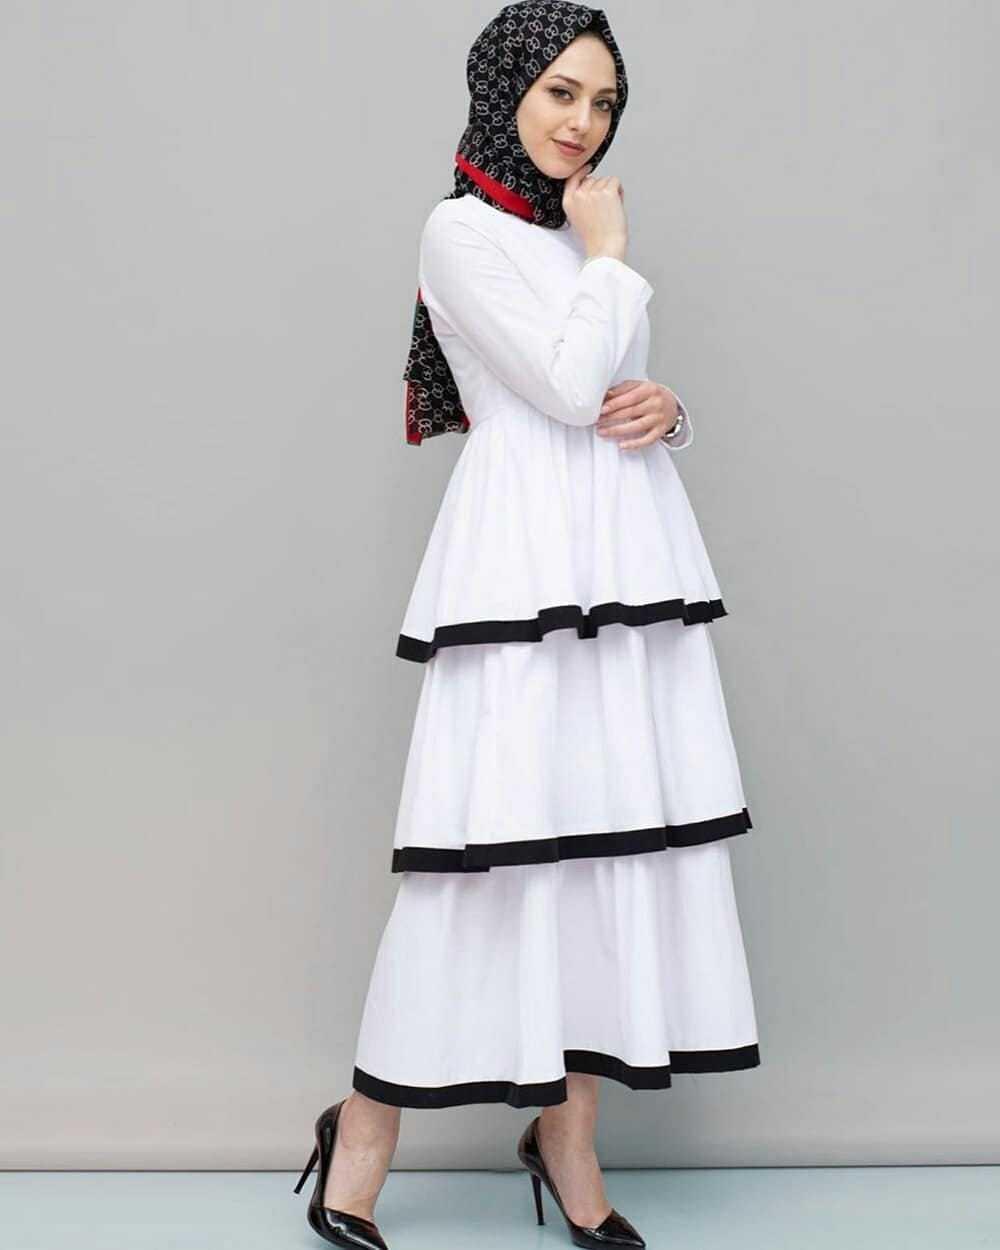 Elfida Katlı Tesettür Elbise Modelleri